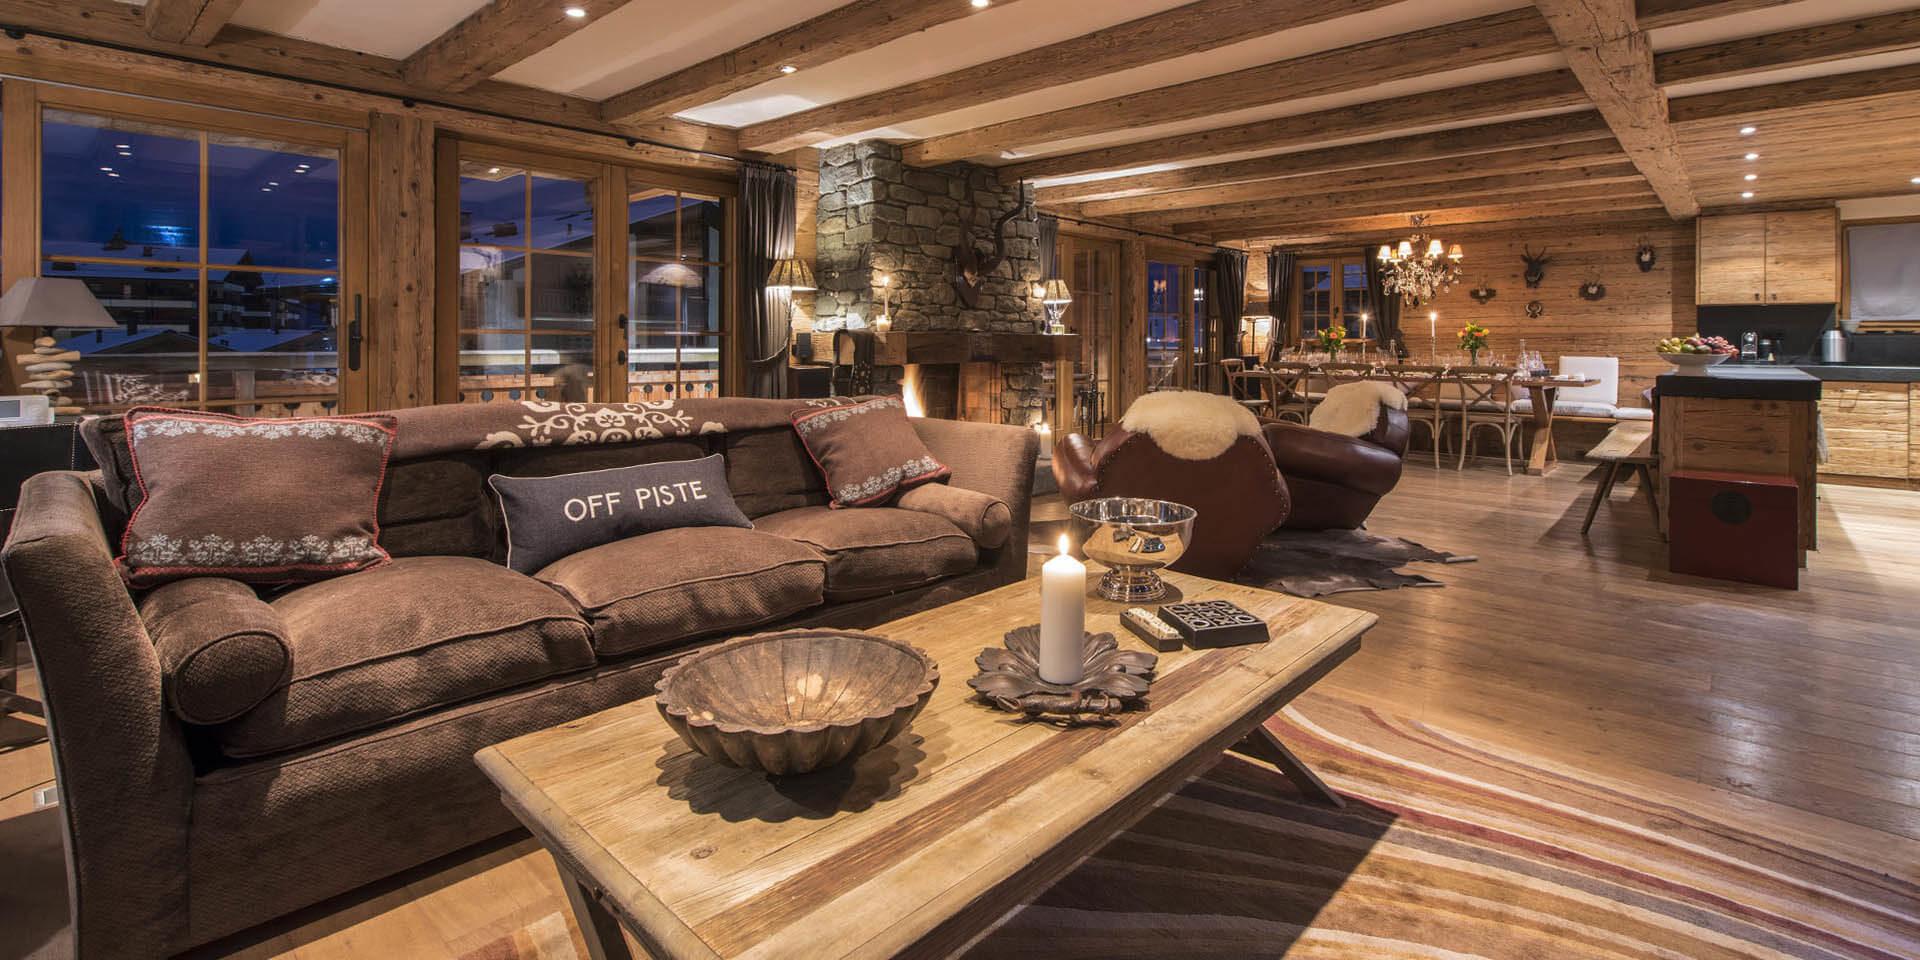 Appartement Silver Verbier Les 4 Vallees Zwitserland wintersport skivakantie luxe living bruine bank kussens Off piste kaarsen salontafel fauteuils open haard eetkamer keuken houten balken balkon sneeuw